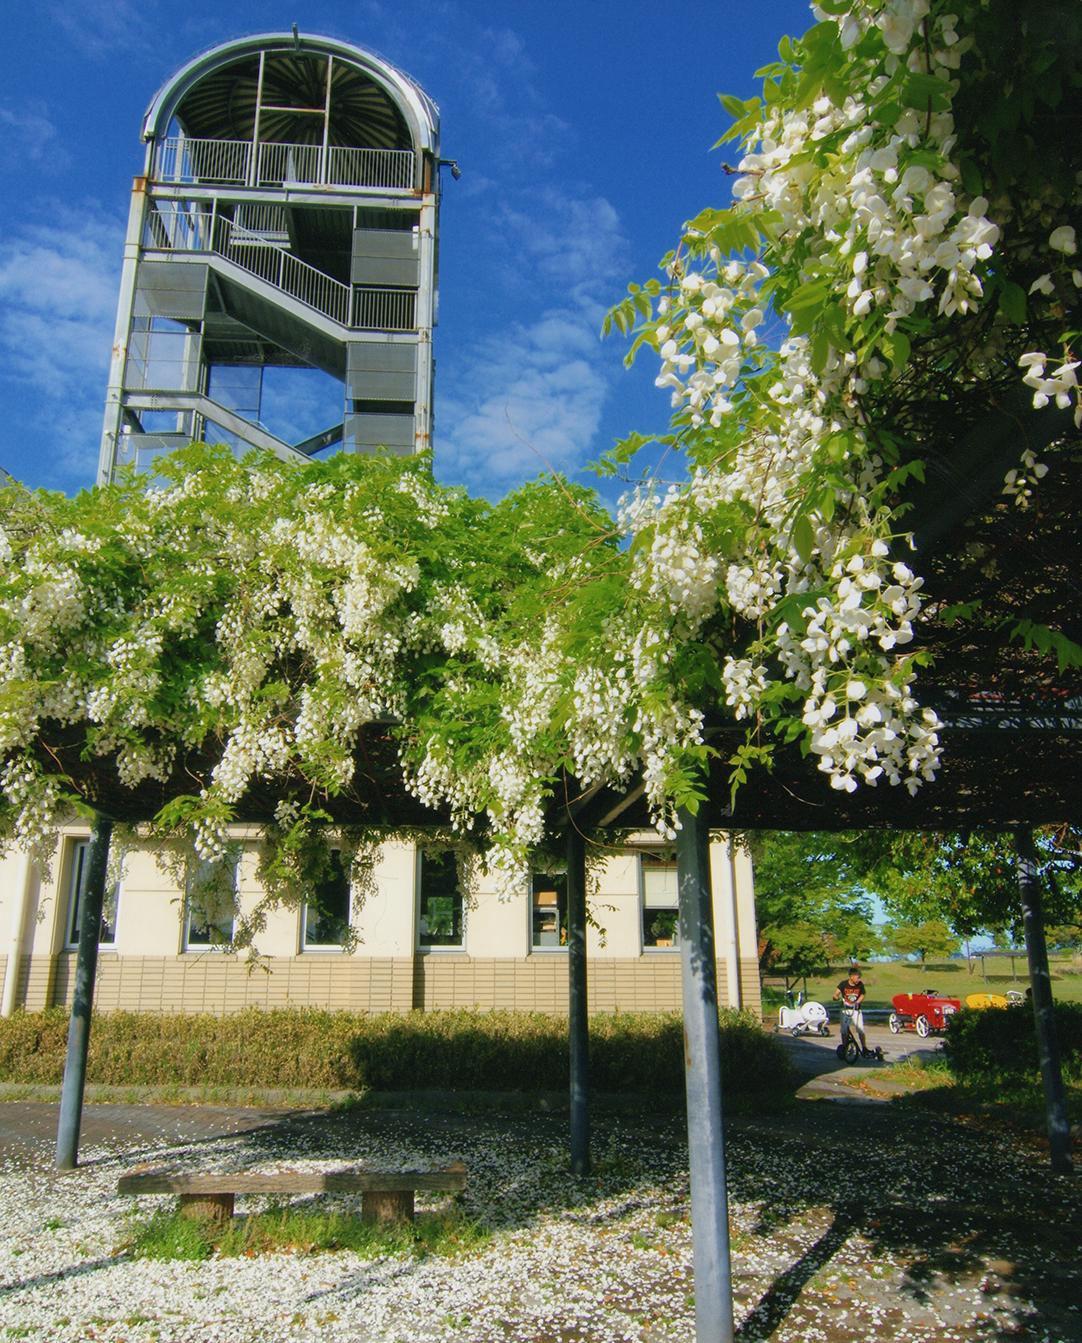 優秀賞 春のフレッシュパーク 尾張広域緑道